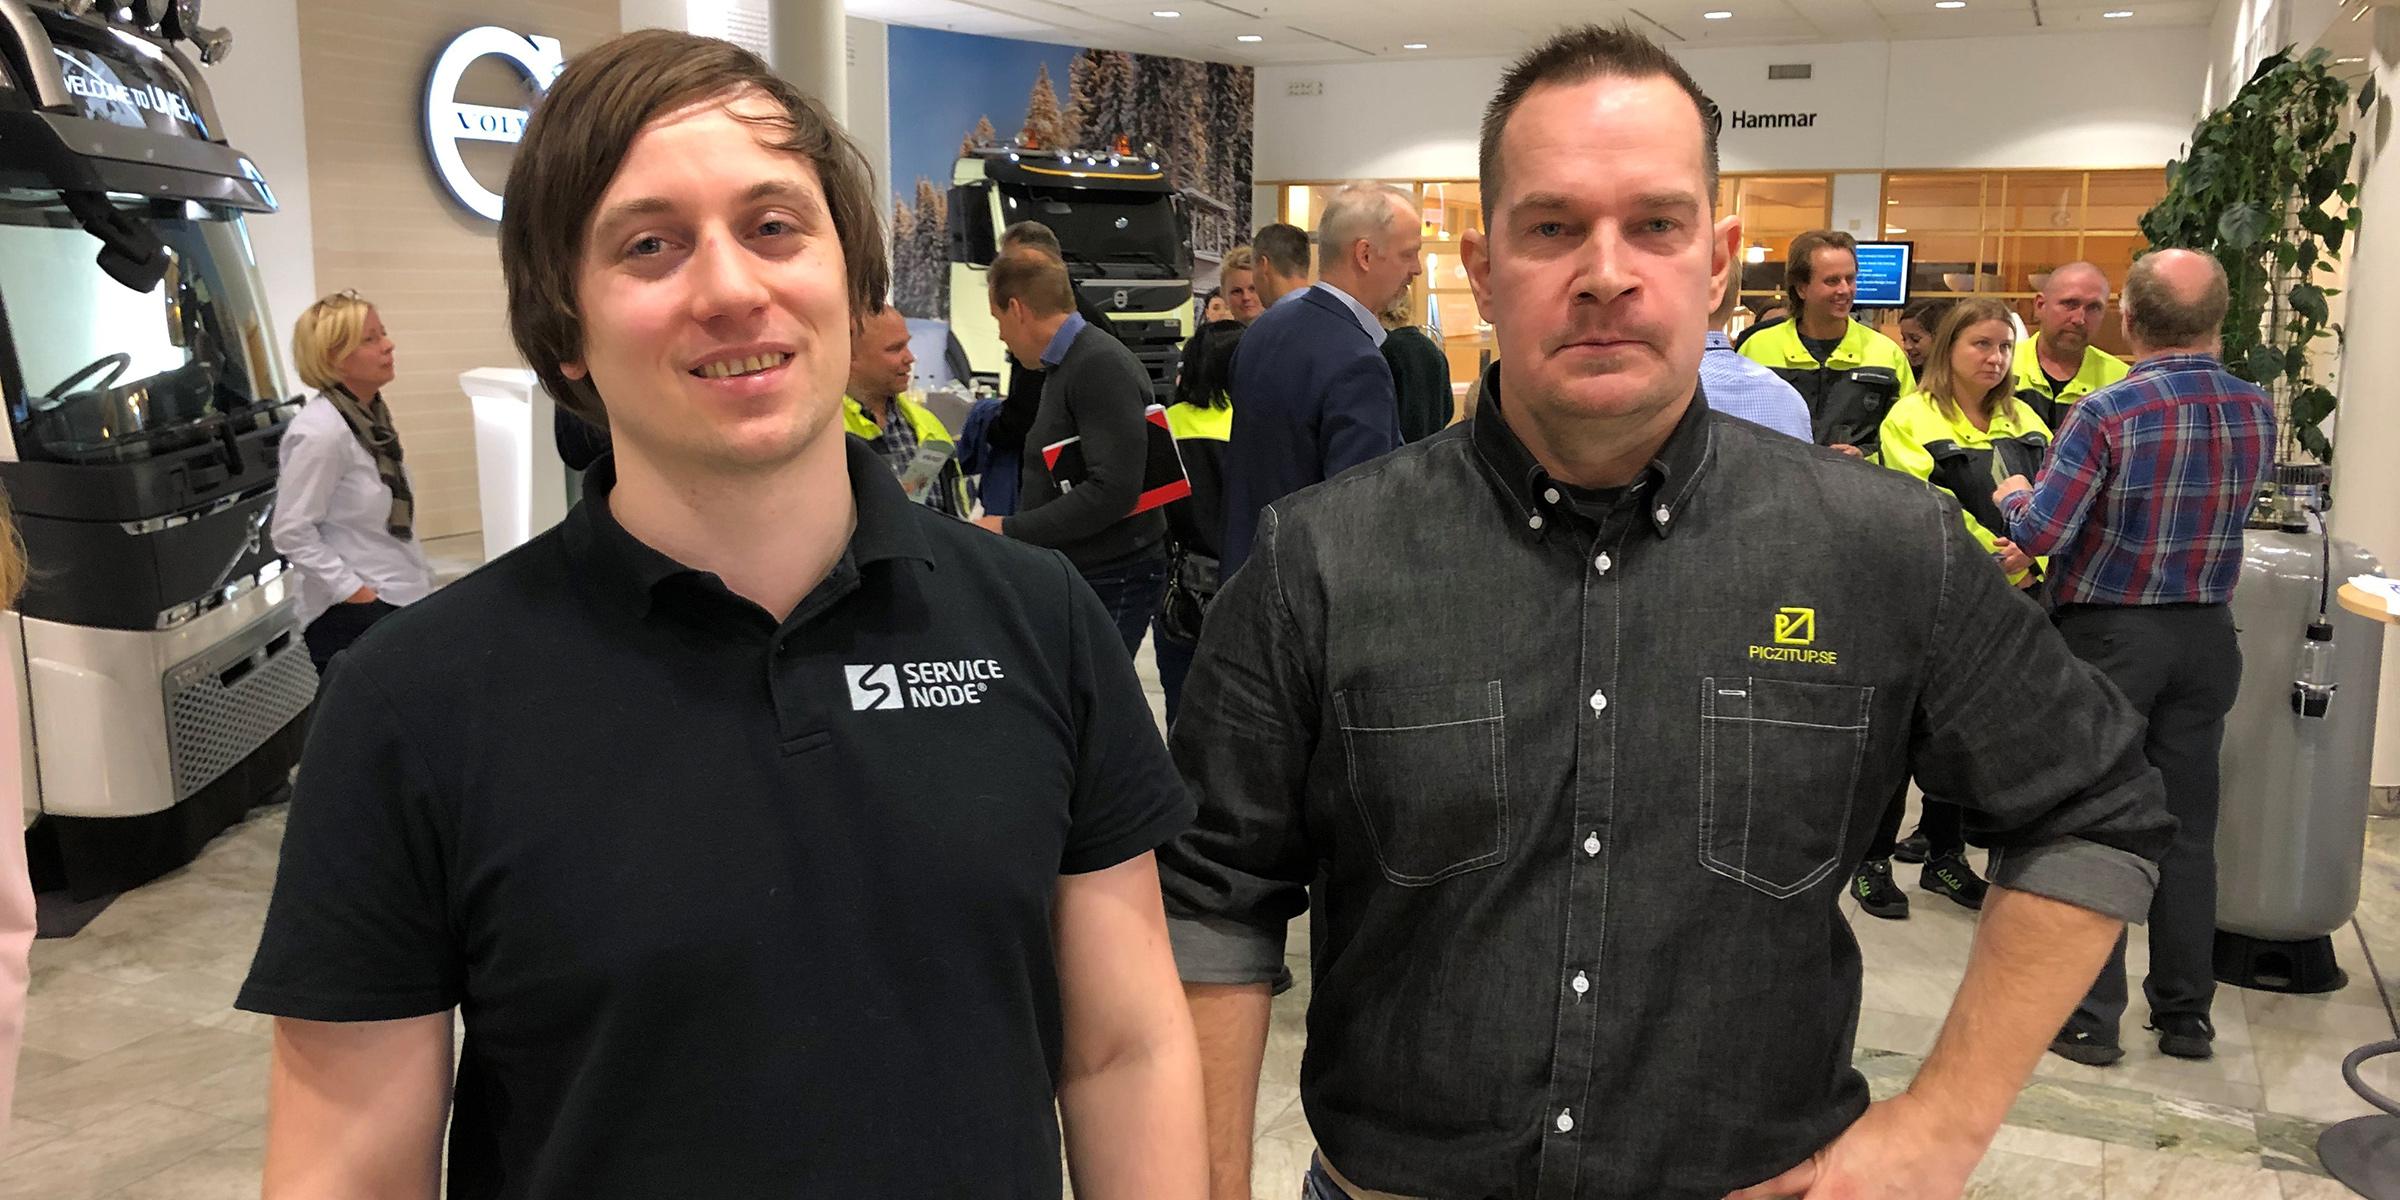 Johannes Nylund, ServiceNode, och Erik Häggström, Piczitup, var två av entreprenörerna som deltog under dagen.